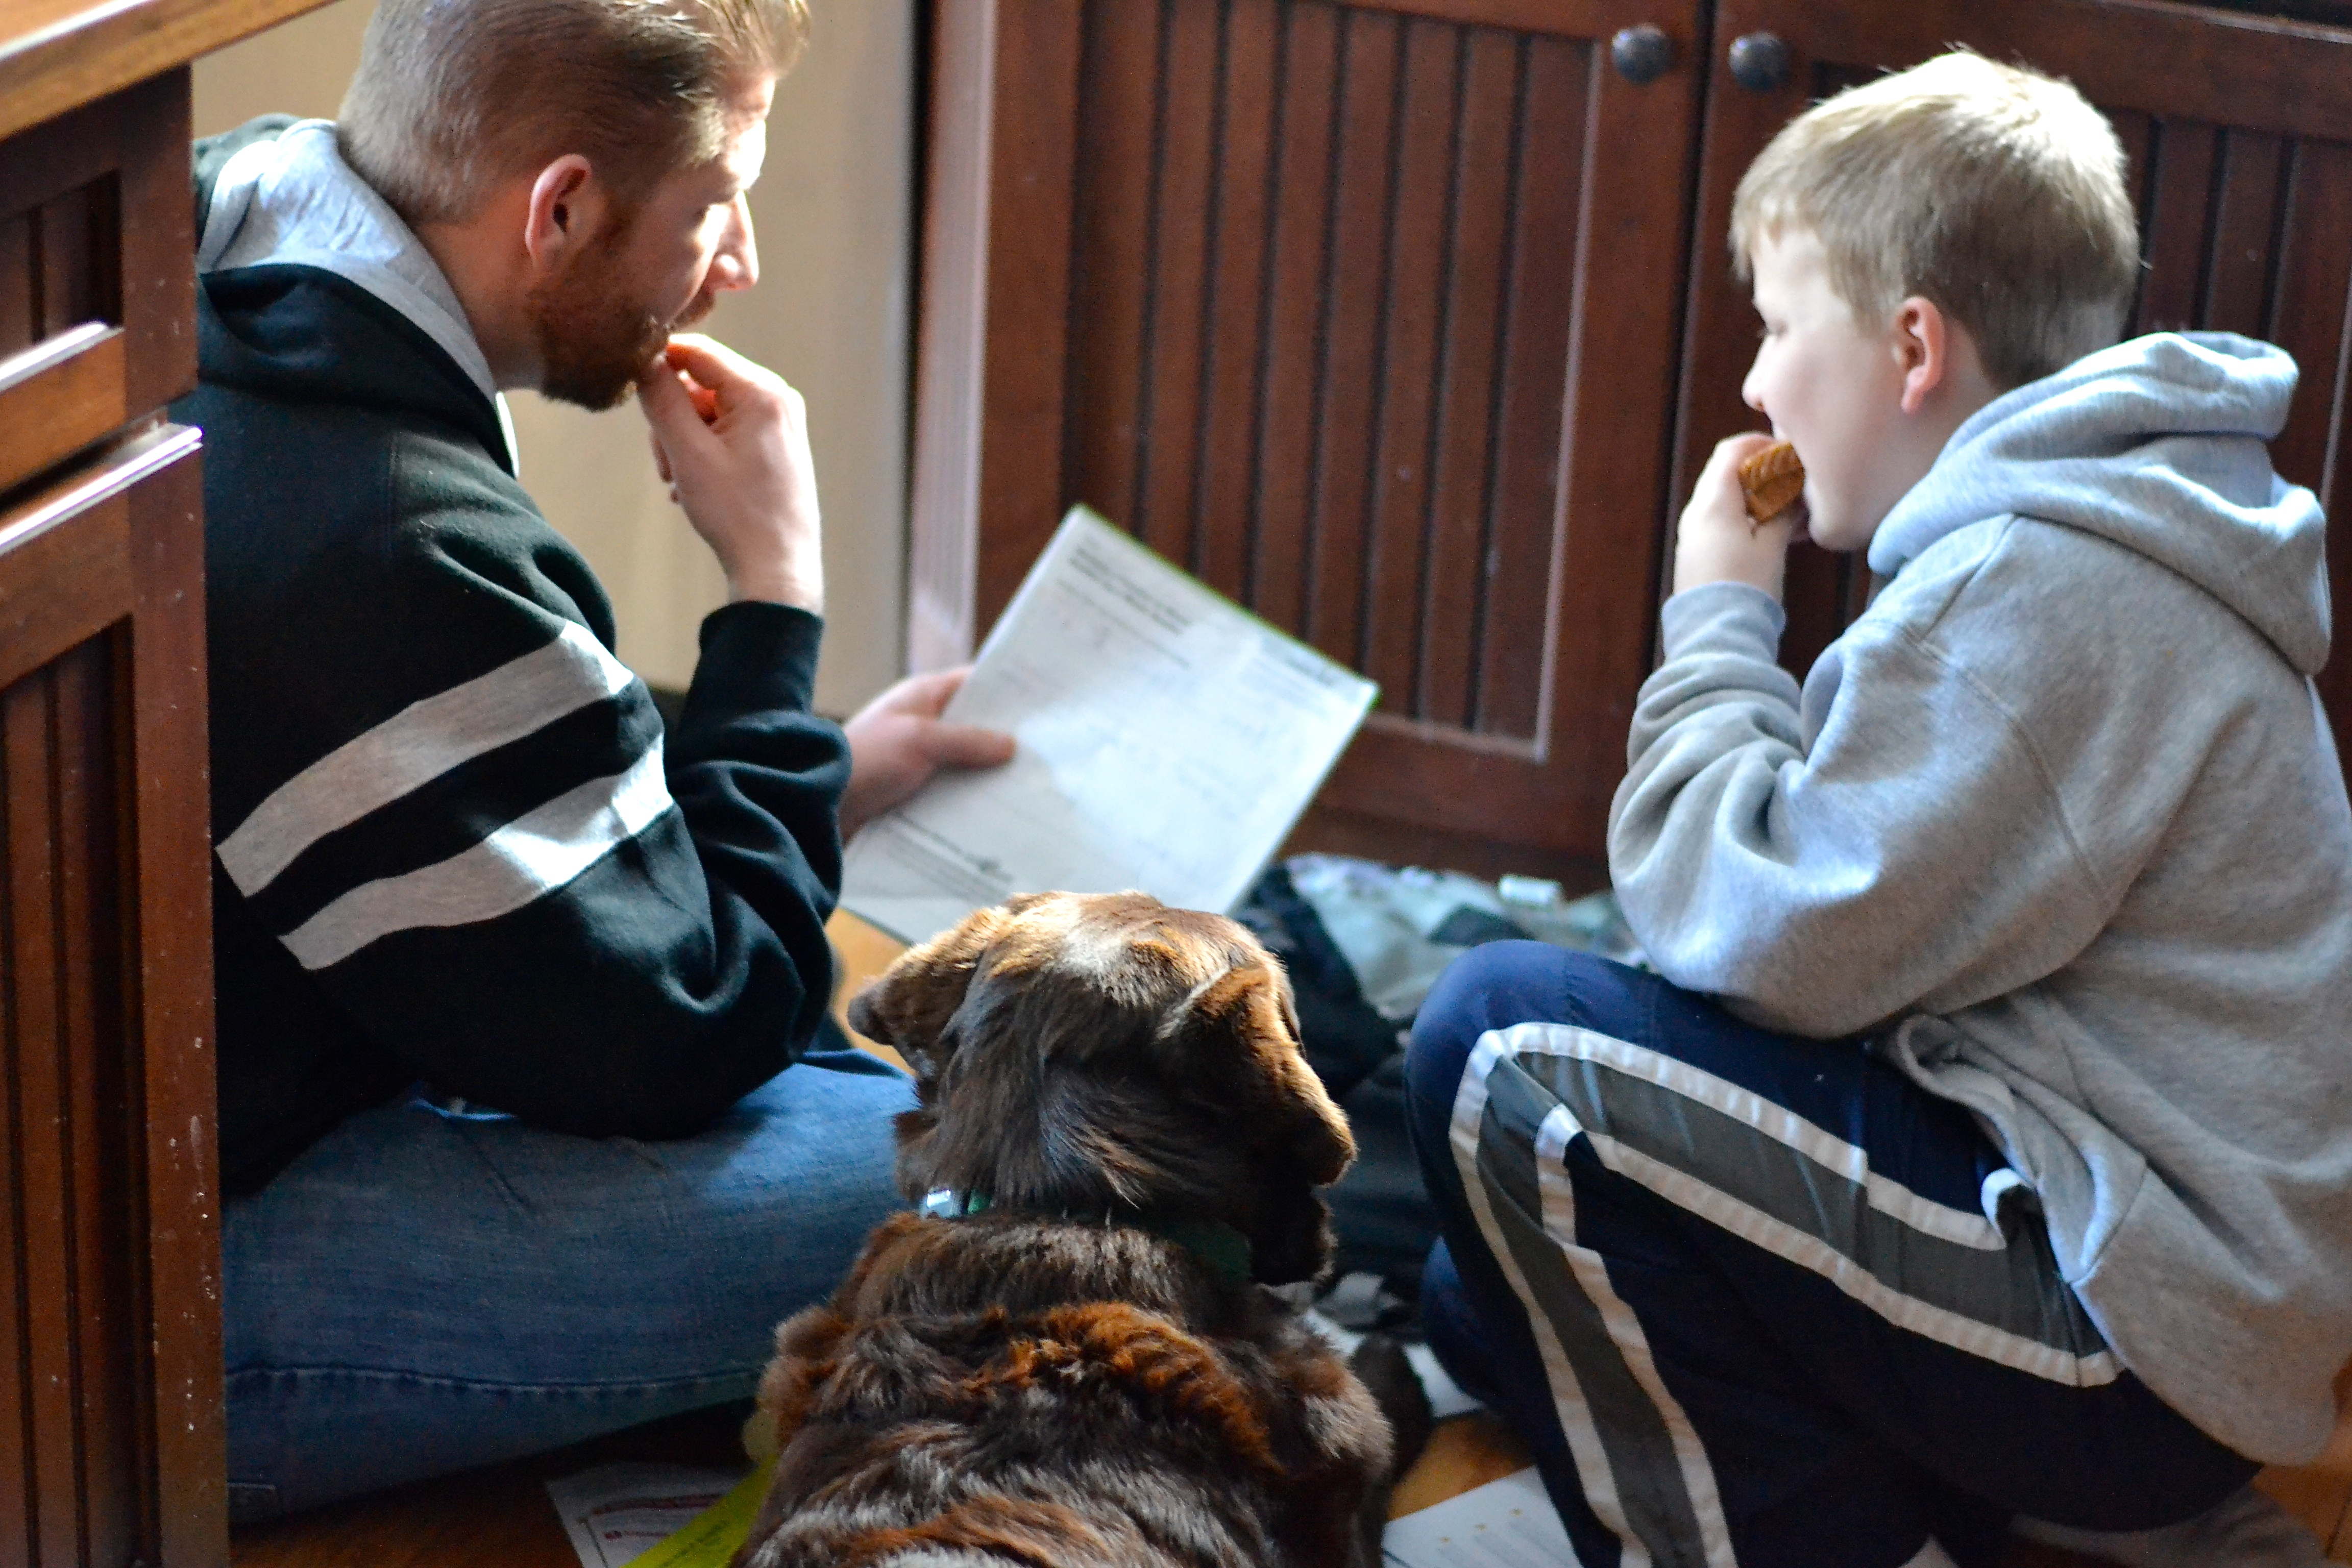 Football homework baseball friends